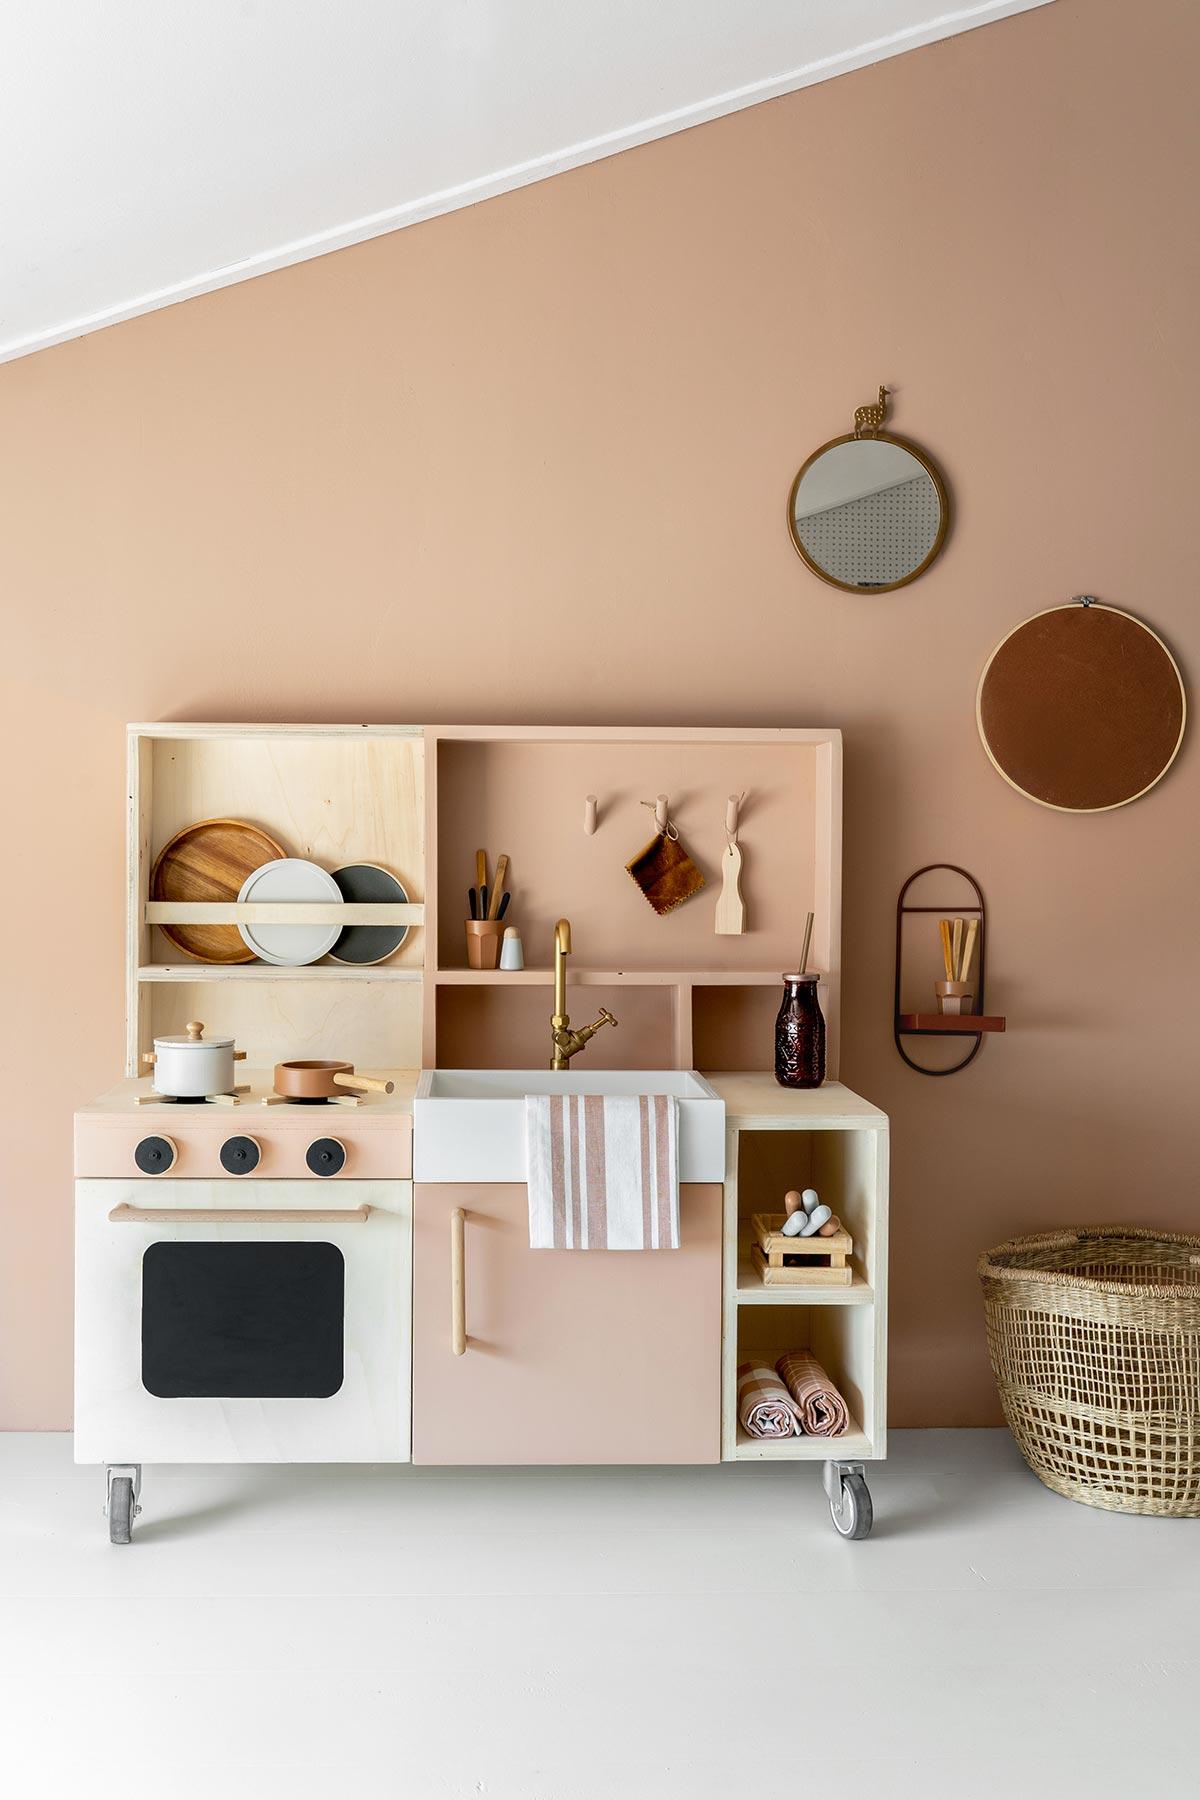 DIY speelkeukentje hout - Tanja van Hoogdalem